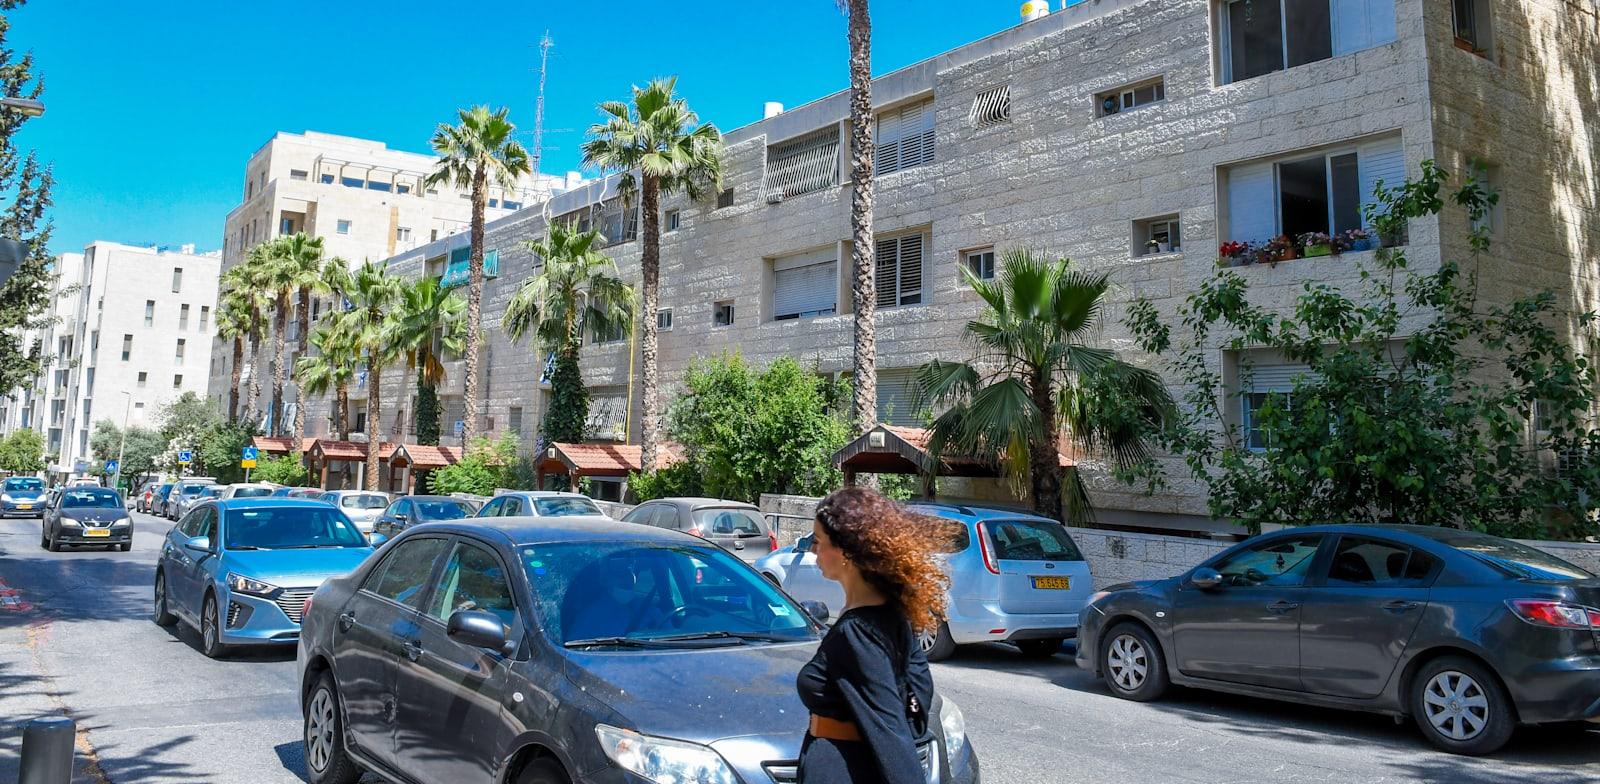 התחדשות עירונית בירושלים / צילום: רפי קוץ